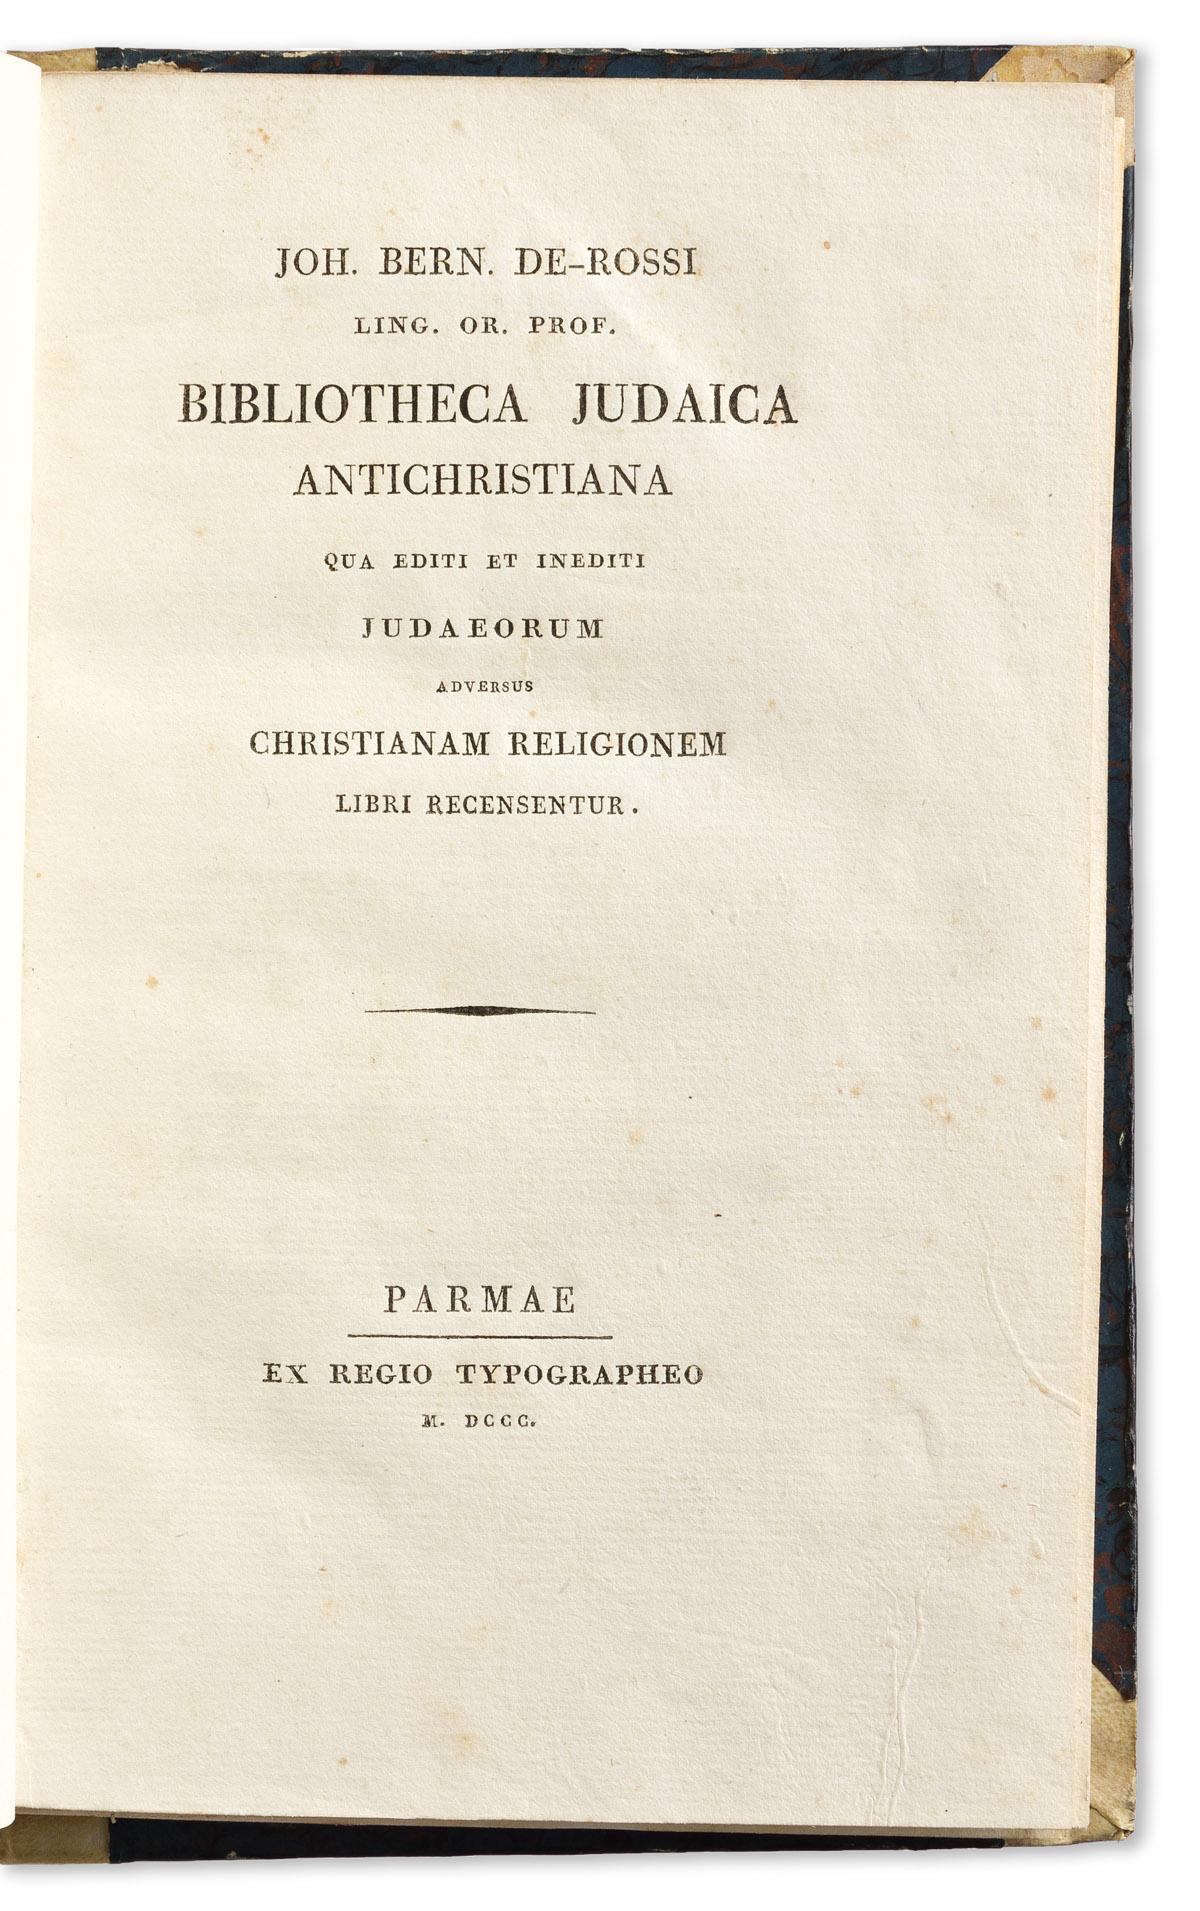 De Rossi, Giovanni Bernardo (1742-1831) Bibliotheca Judaica Antichristiana qua Editi et Inediti Judaeorum adversus Christianam Religion